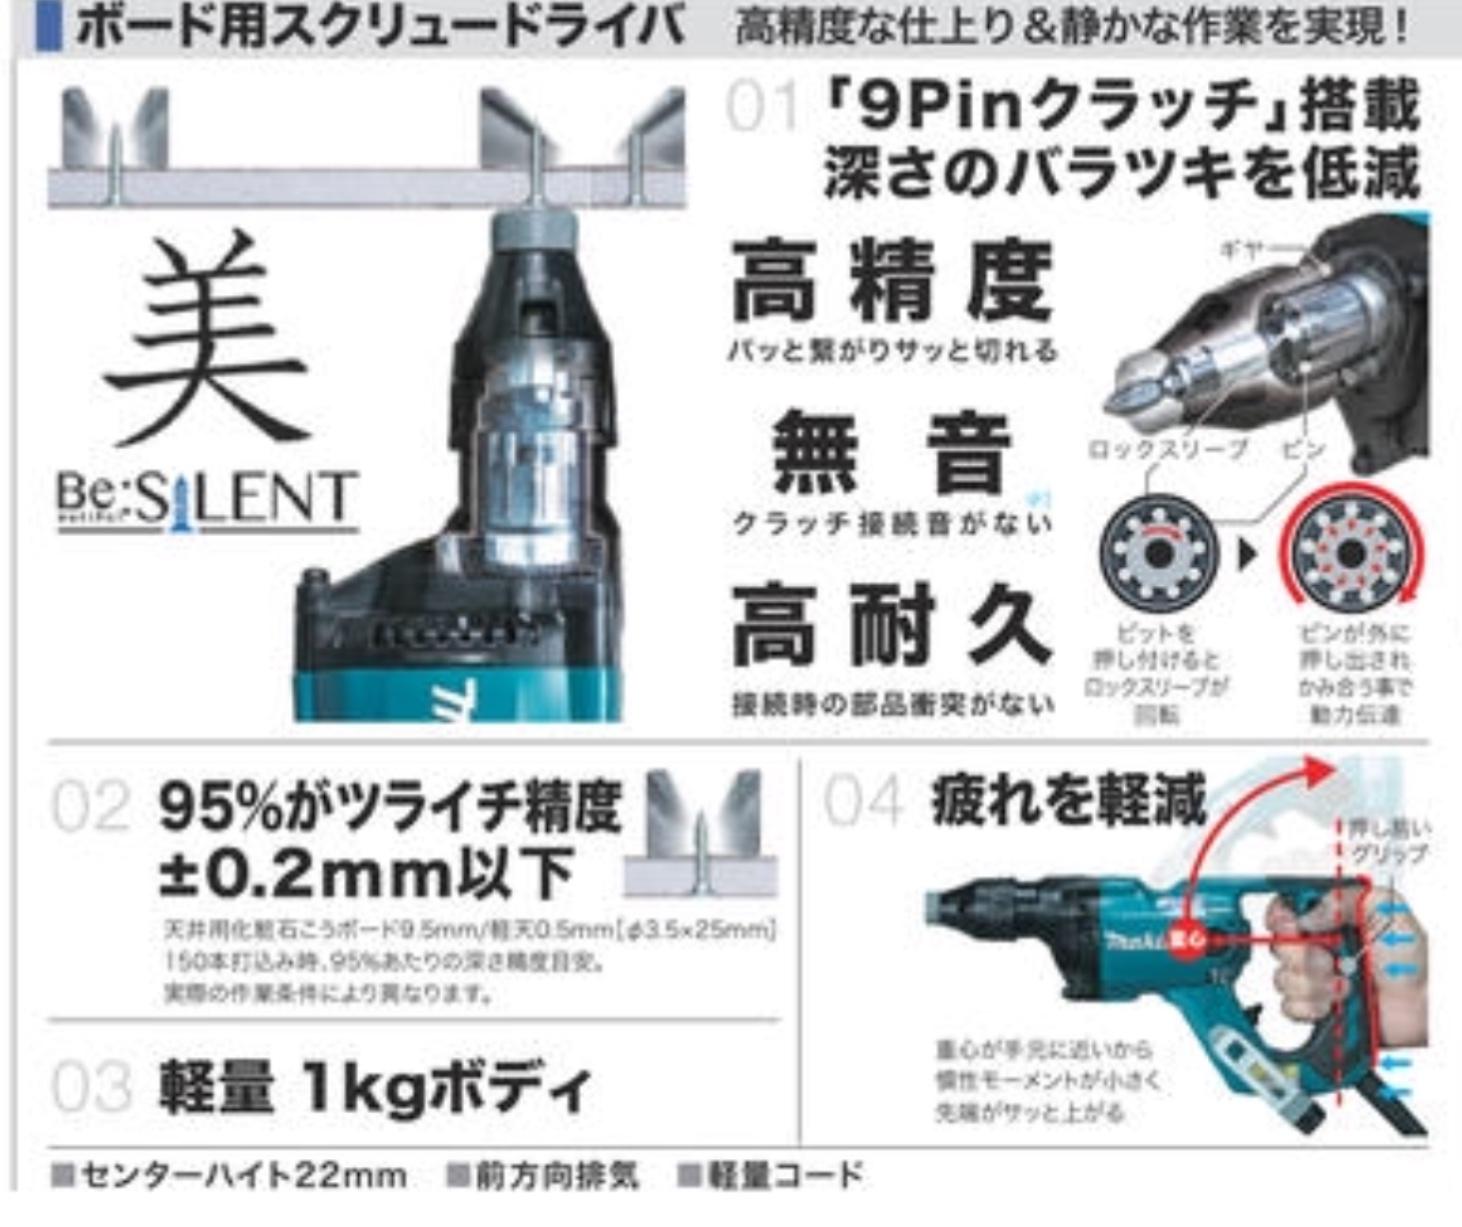 マキタ ボード用 スクリュードライバー FS4100シリーズ